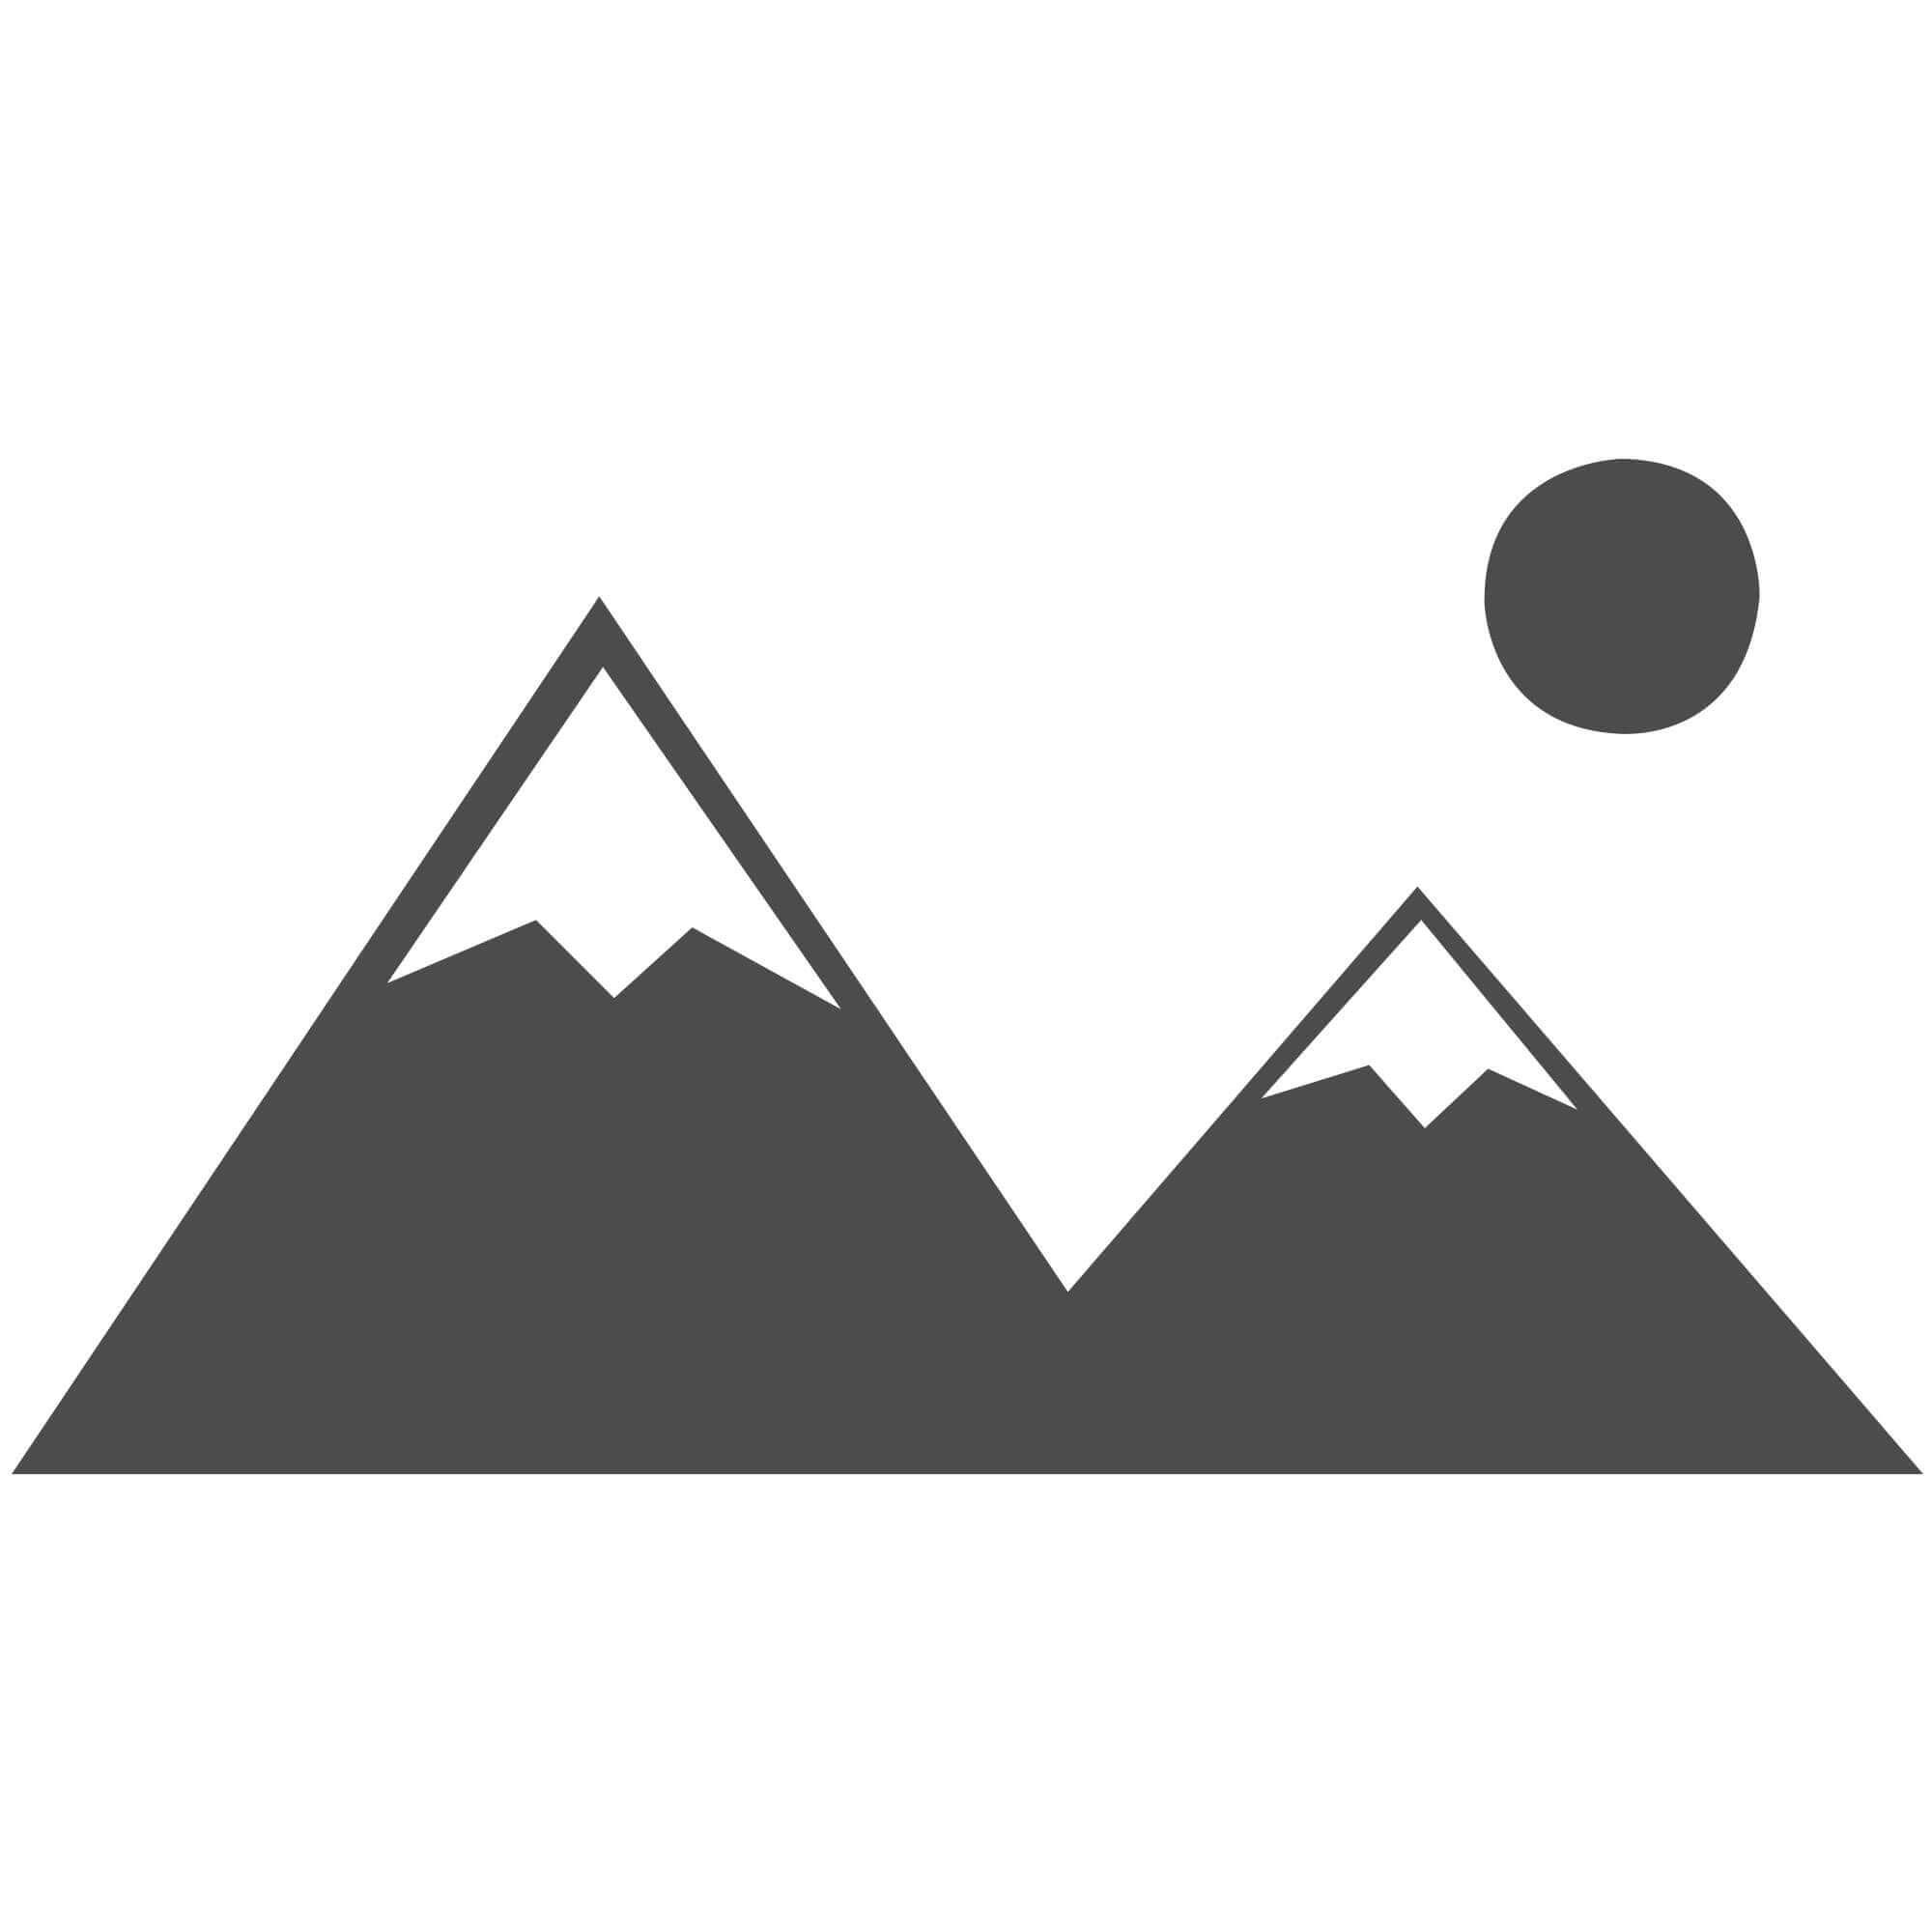 TREND CSB/CC21624 Craft saw blade crosscut 216mm x 24 teeth x 30mm